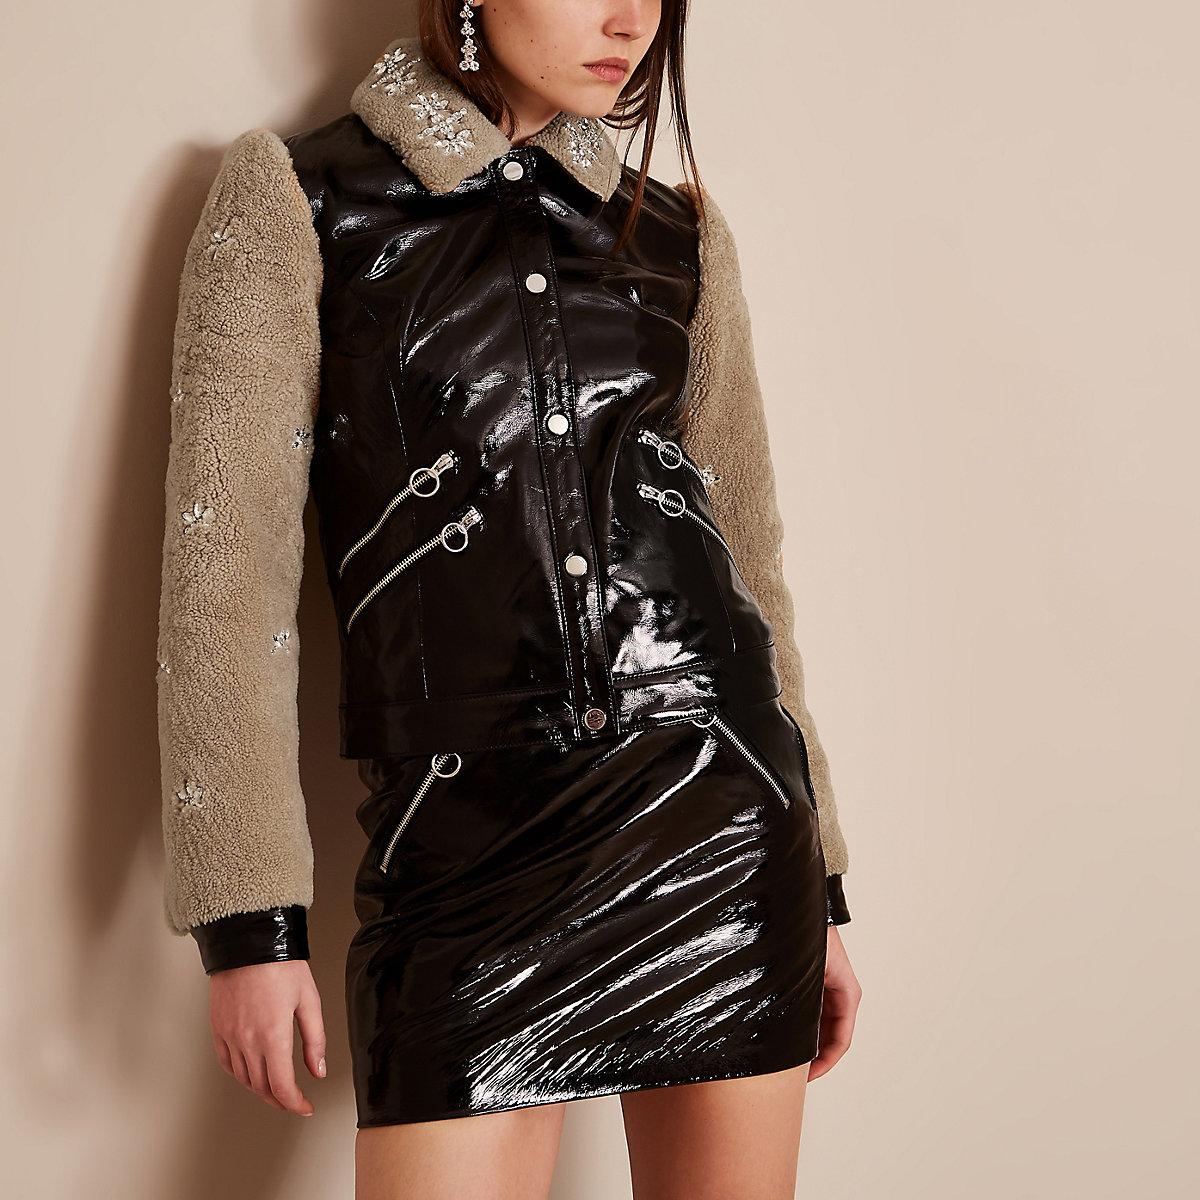 Black Holly Fulton vinyl leather fleece jacket